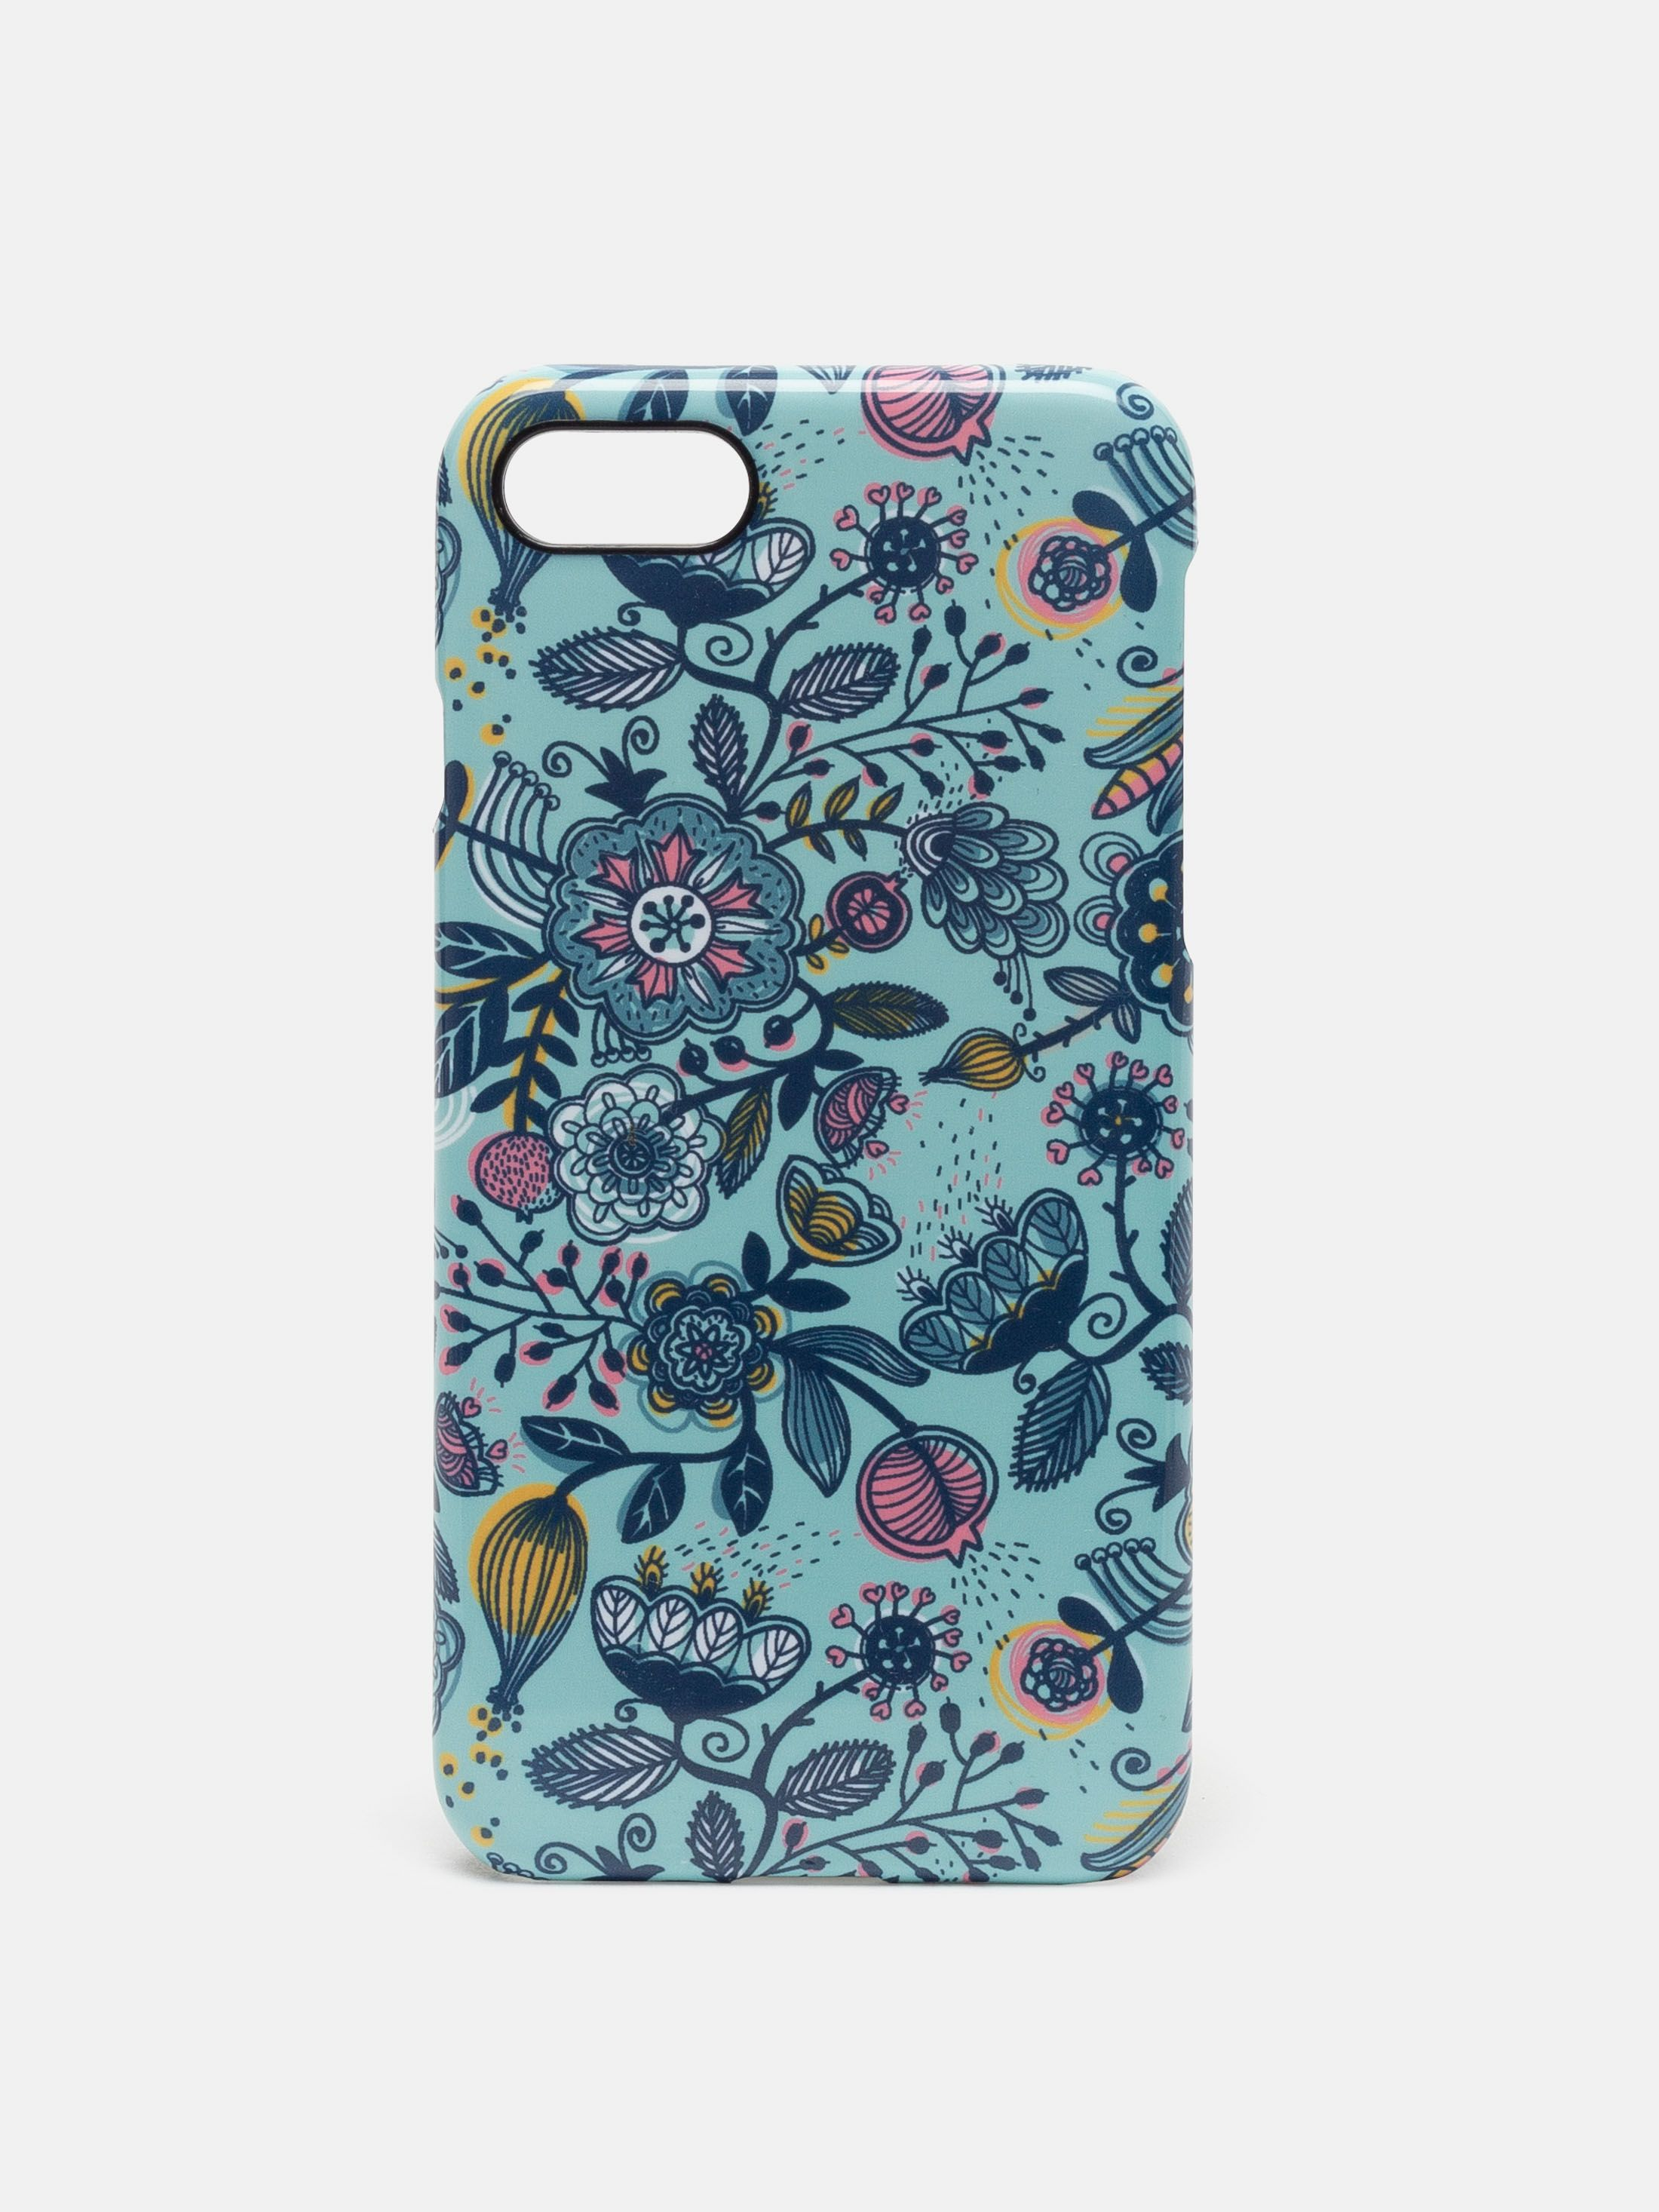 Coque iPhone 7 & iPhone 8 originale avec design coloré